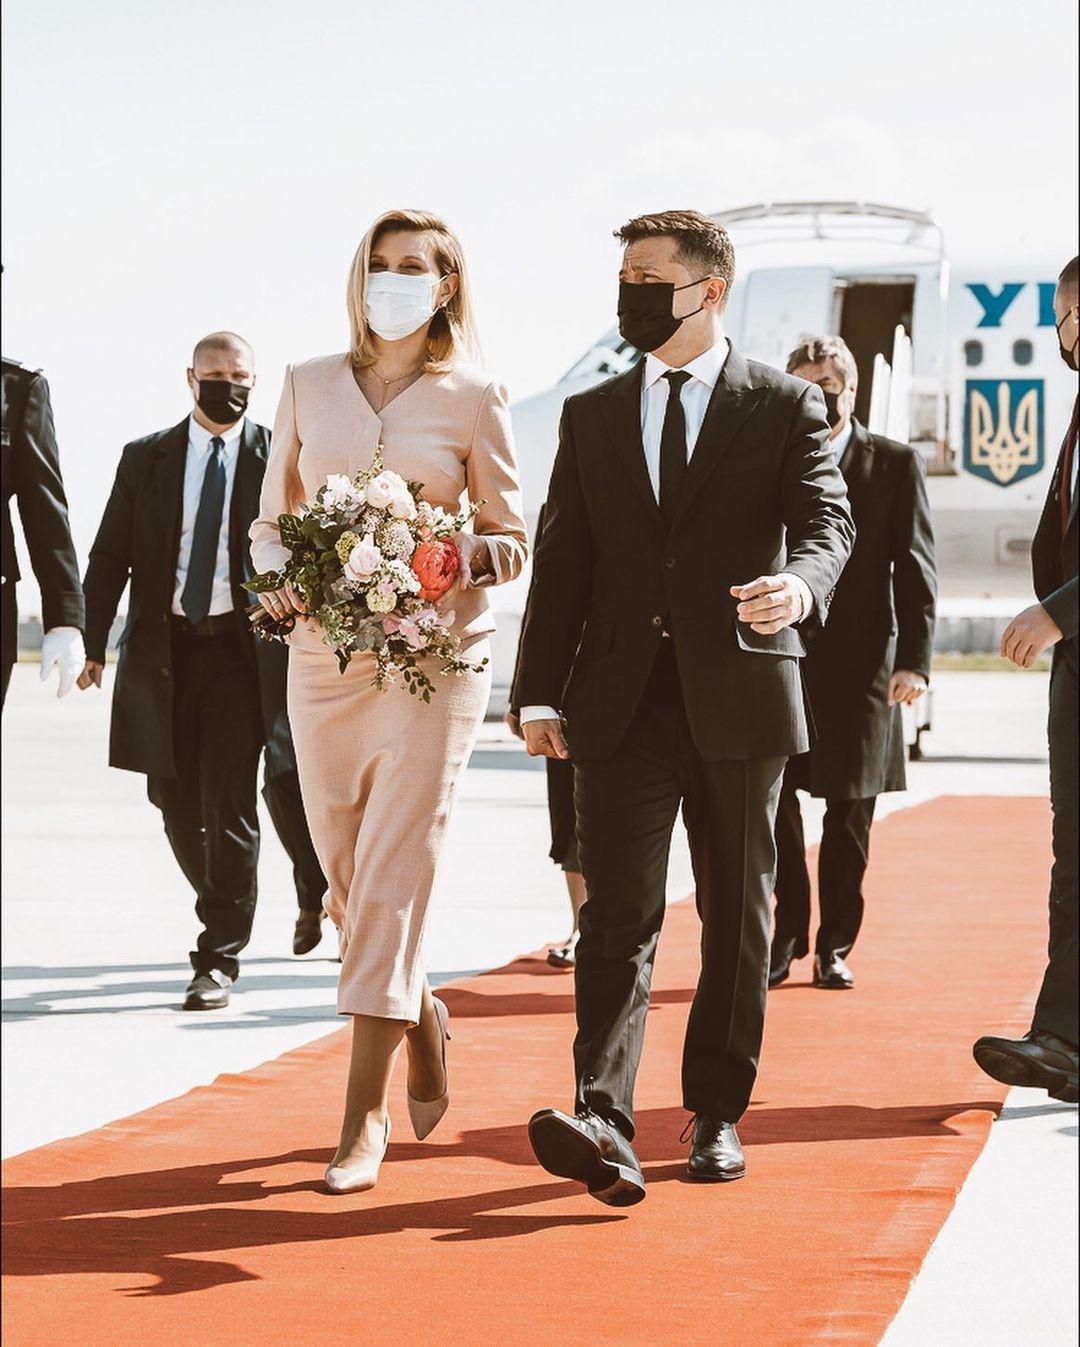 Образ дня: Елена Зеленская в женственном наряде прилетела в Париж (ФОТО) - фото №2